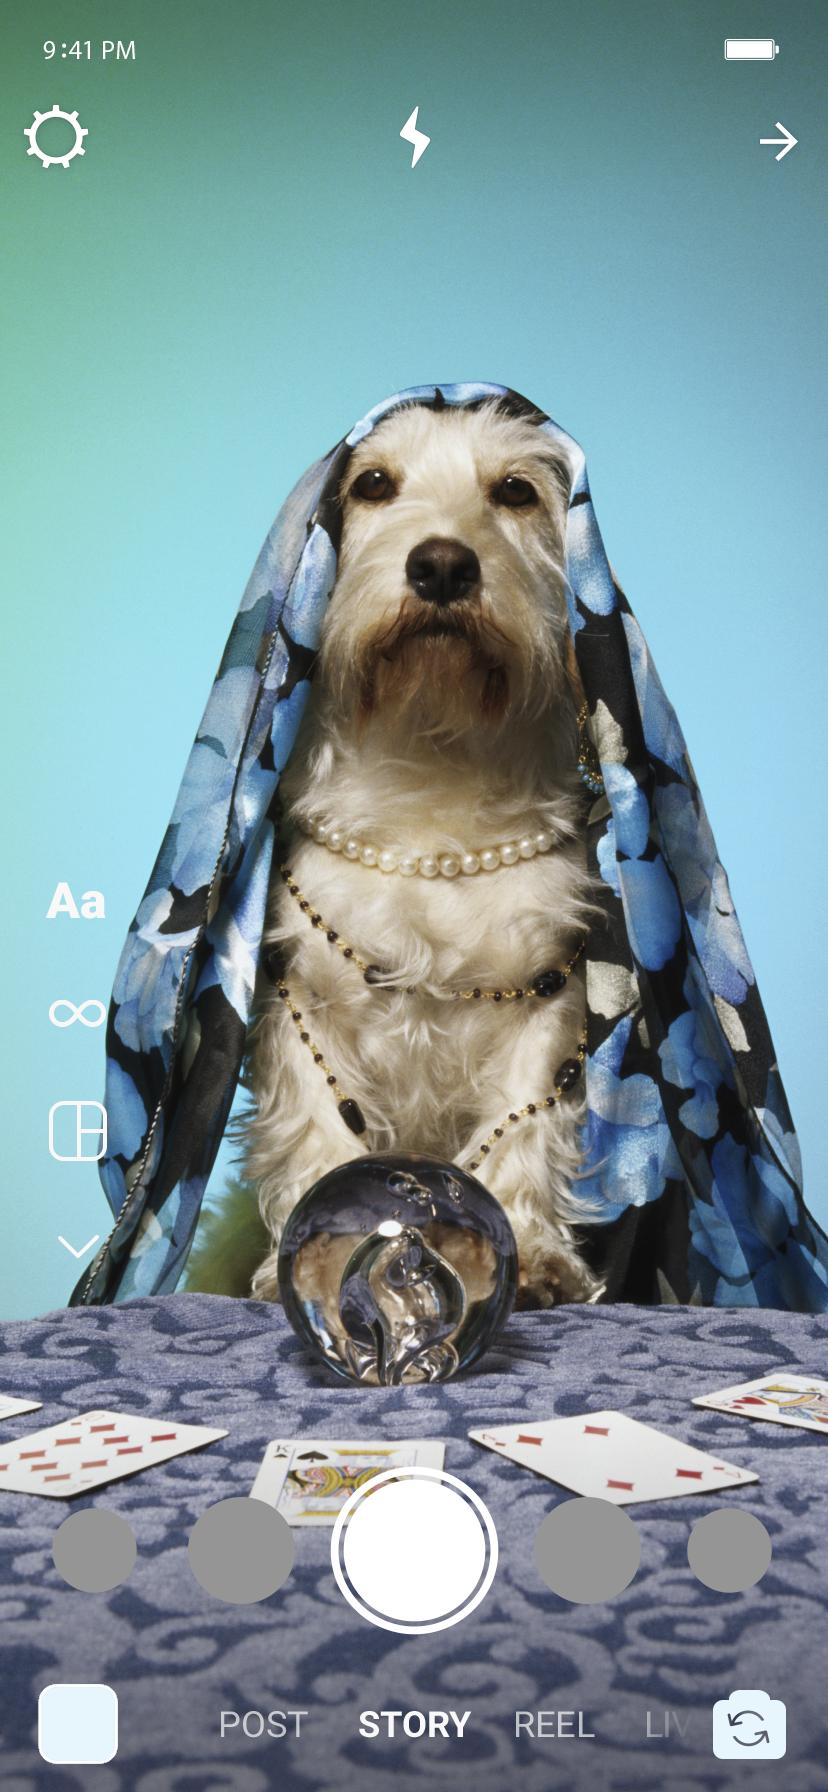 No Story, um cachorro com um pano na cabeça. Em sua frente temos uma bola de cristal e cartas de baralho.